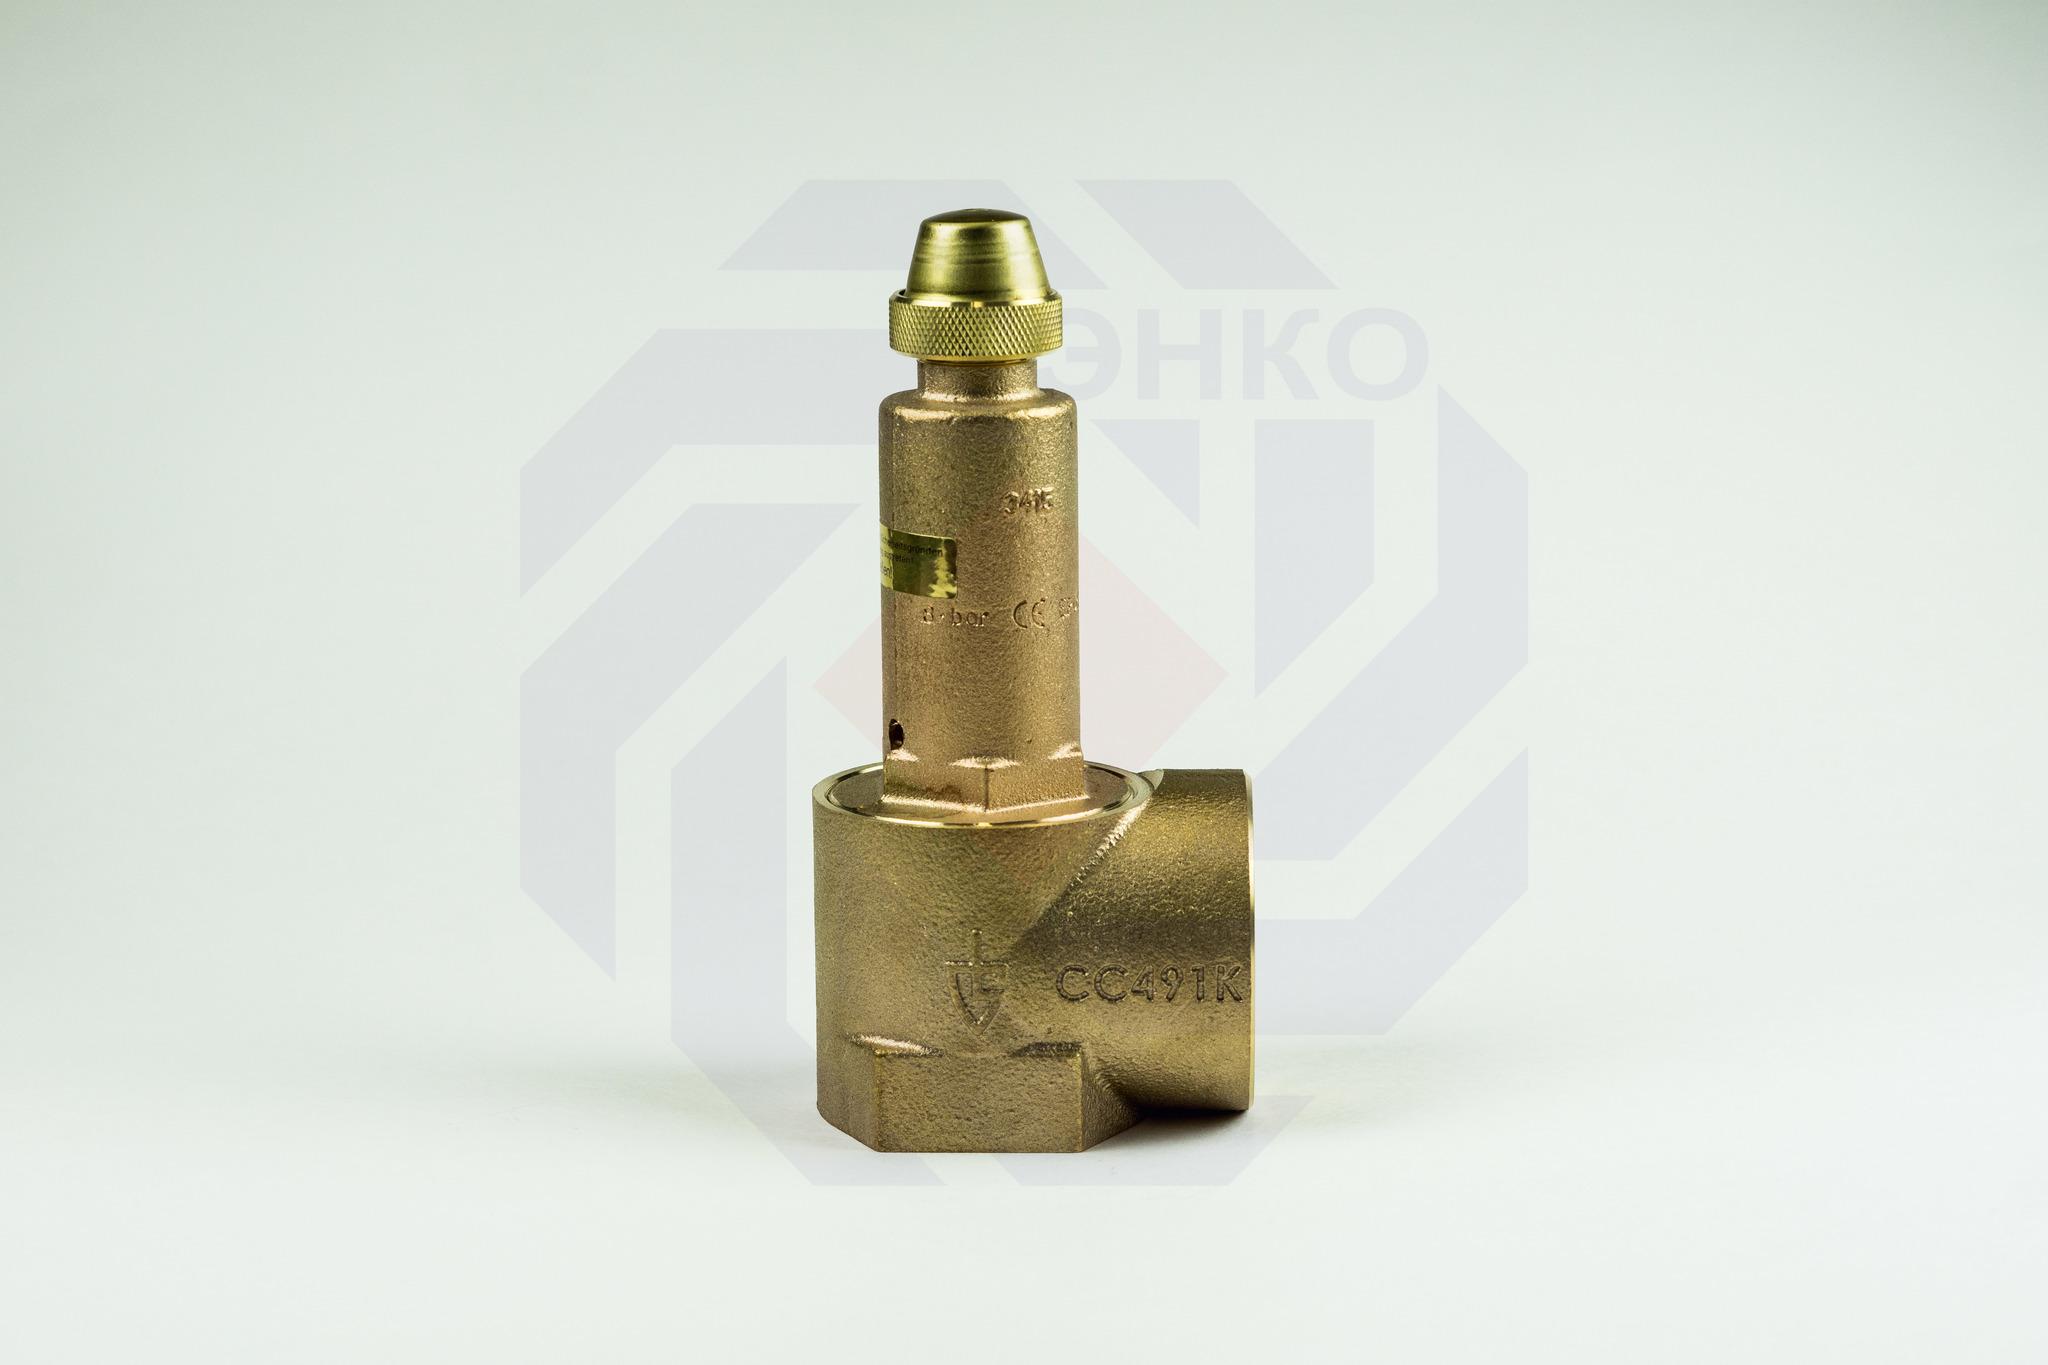 Клапан предохранительный GOETZE 651mWIK 8 бар 2